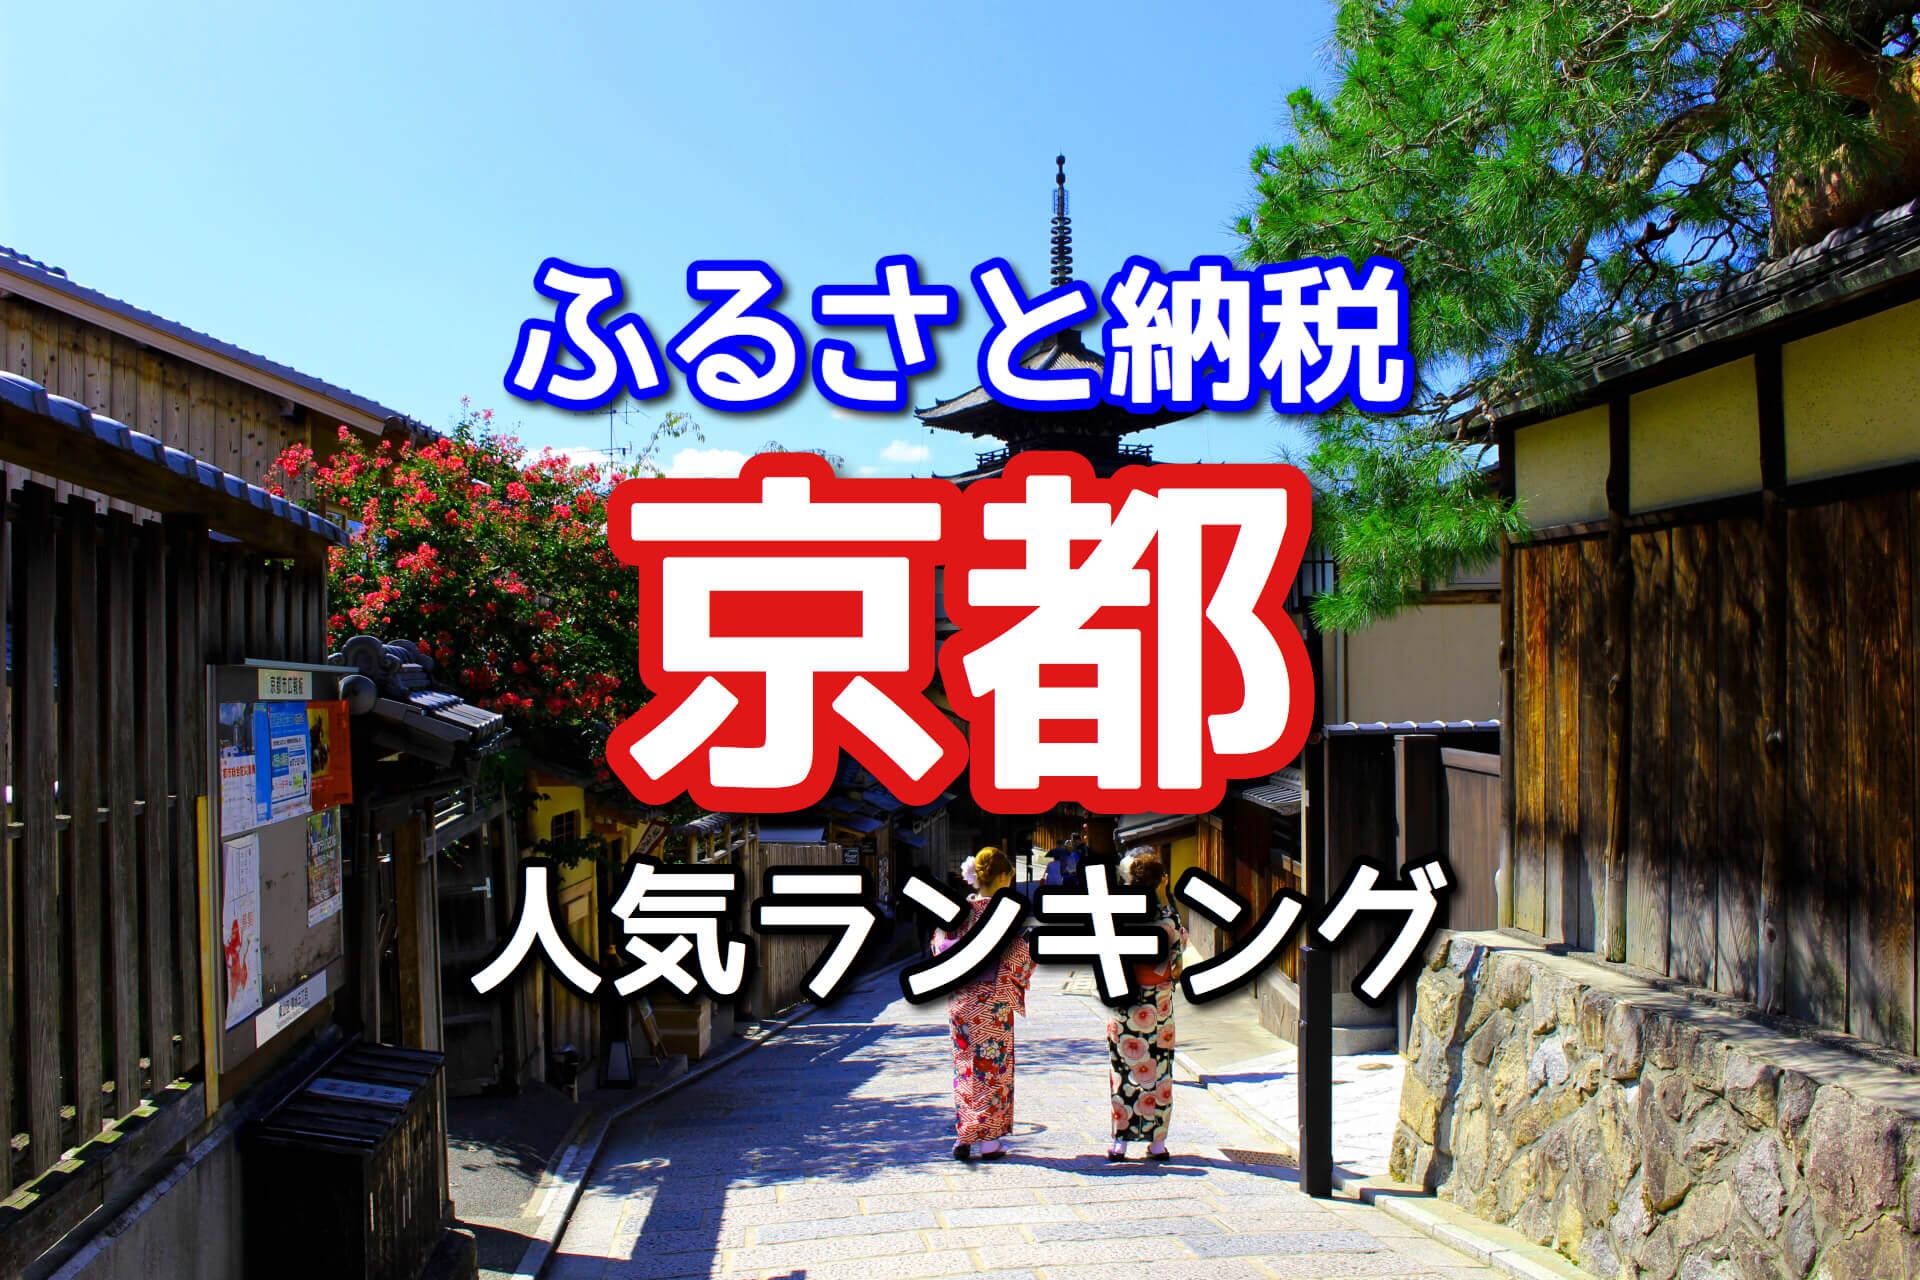 【ふるさと納税】京都のおすすめ返礼品10選!人気ランキング2018